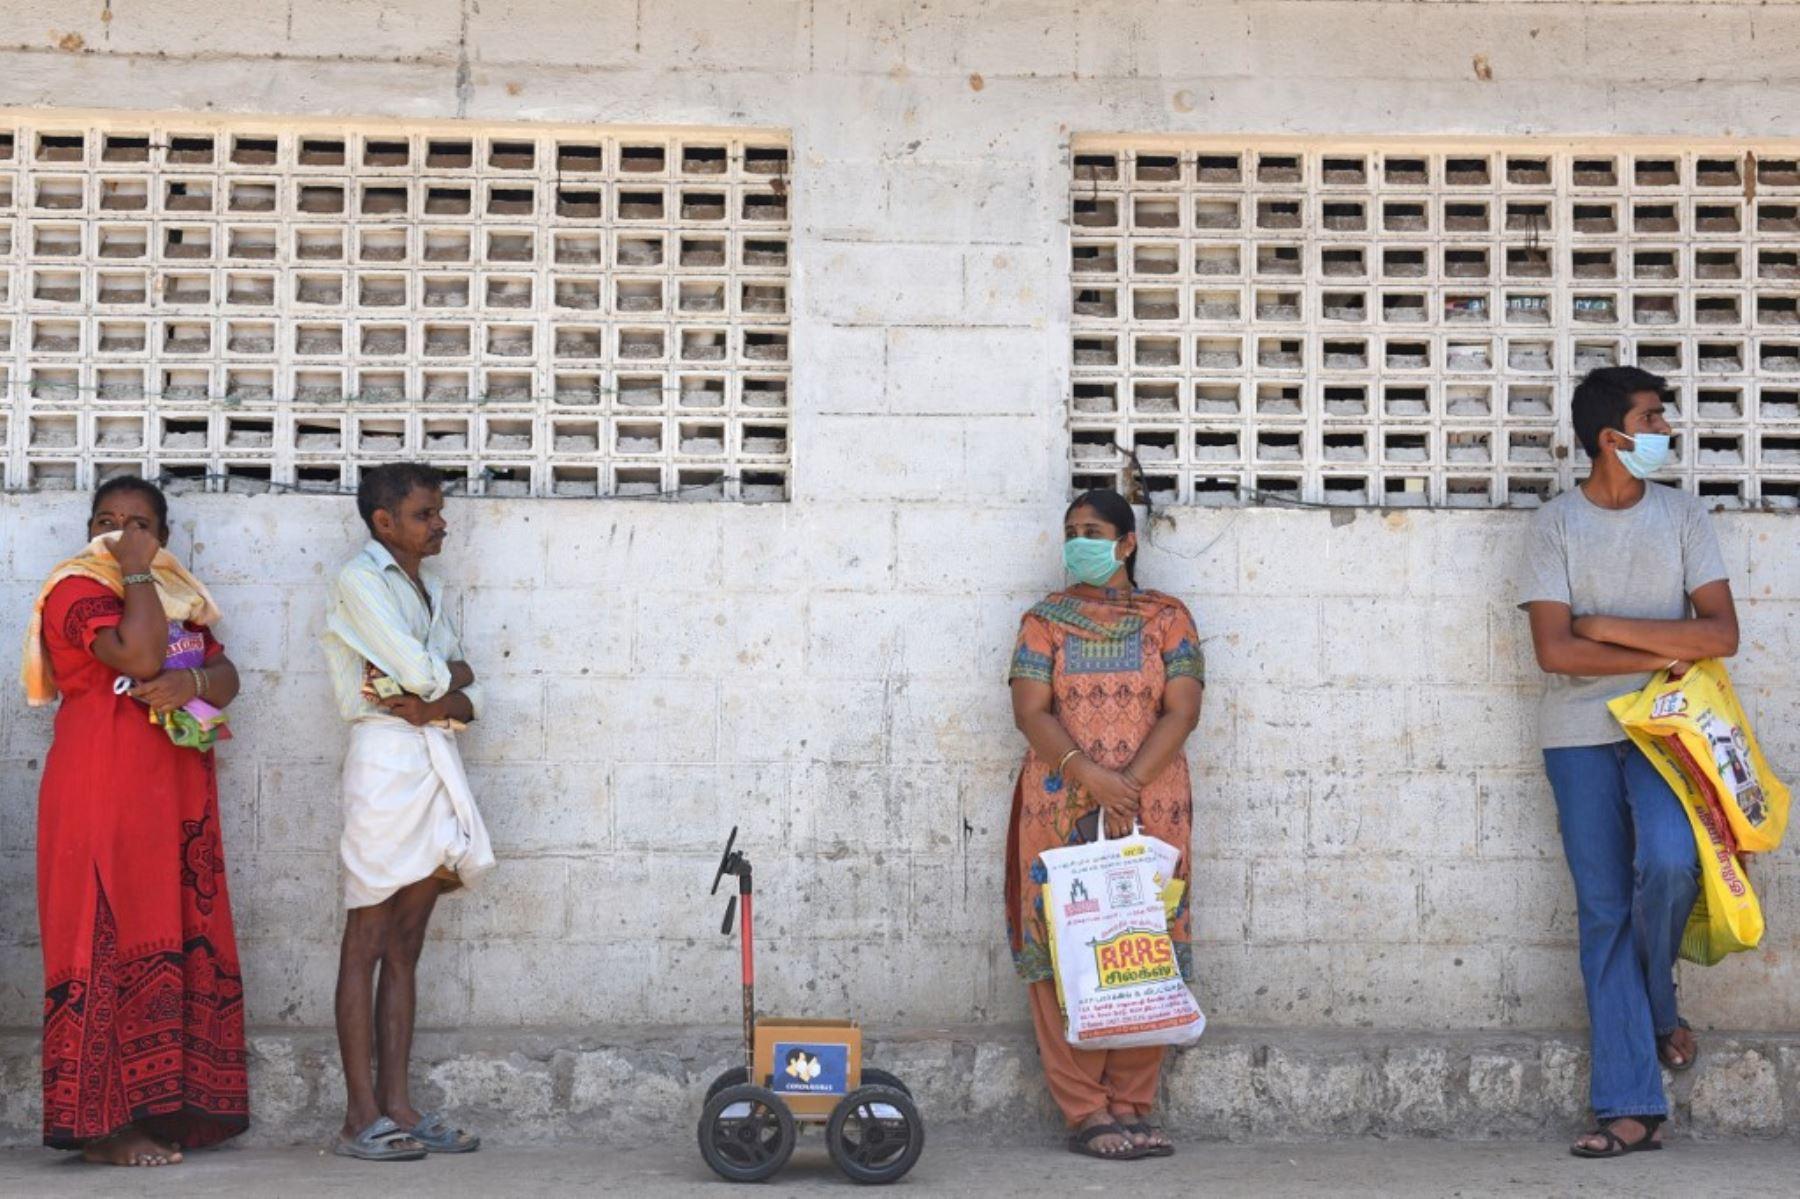 El ingeniero indio Karthik Velayutham usa su robot en una cola para esperar su turno fuera de una tienda de raciones en Coimbatore. Foto: AFP